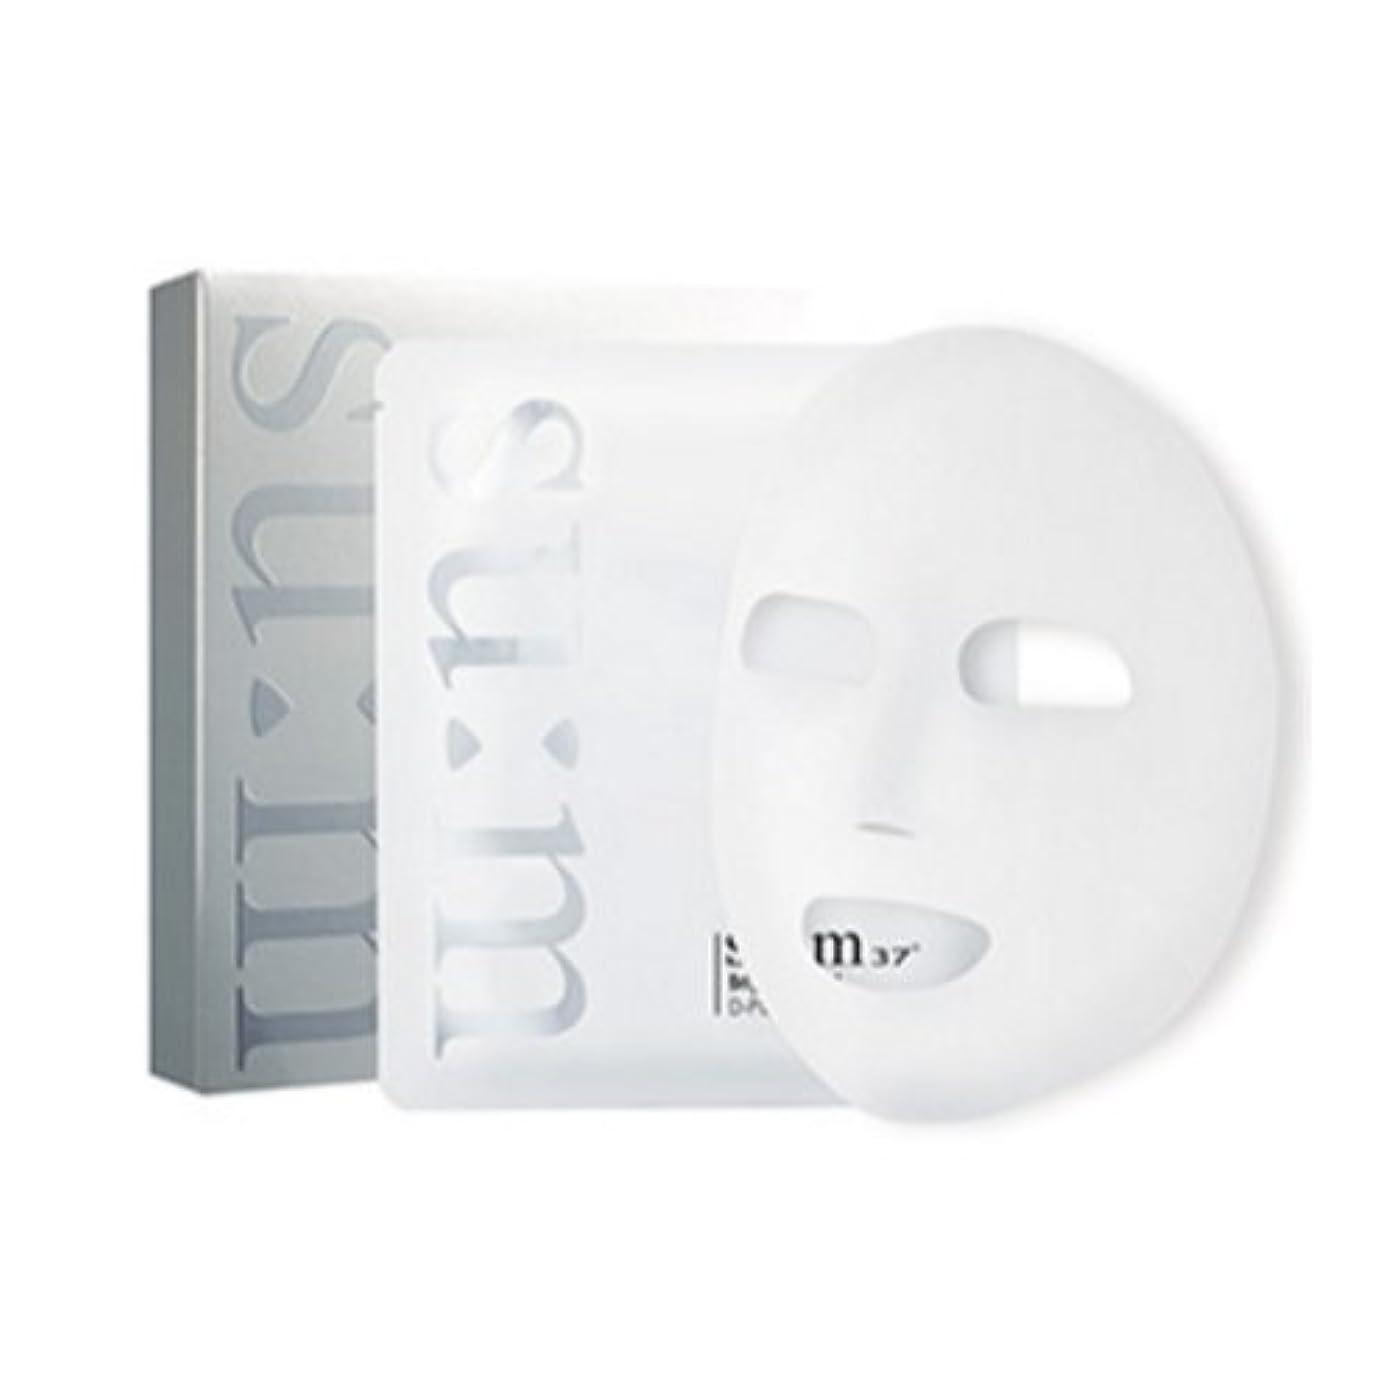 推測するブルーム良心的[スム37°] su:m37°ブライトアワードD-浄化粘土シートマスク(10ea)海外直送品(su:m37° Bright Award D-Purifying Clay Sheet Mask (10ea)) [並行輸入品]